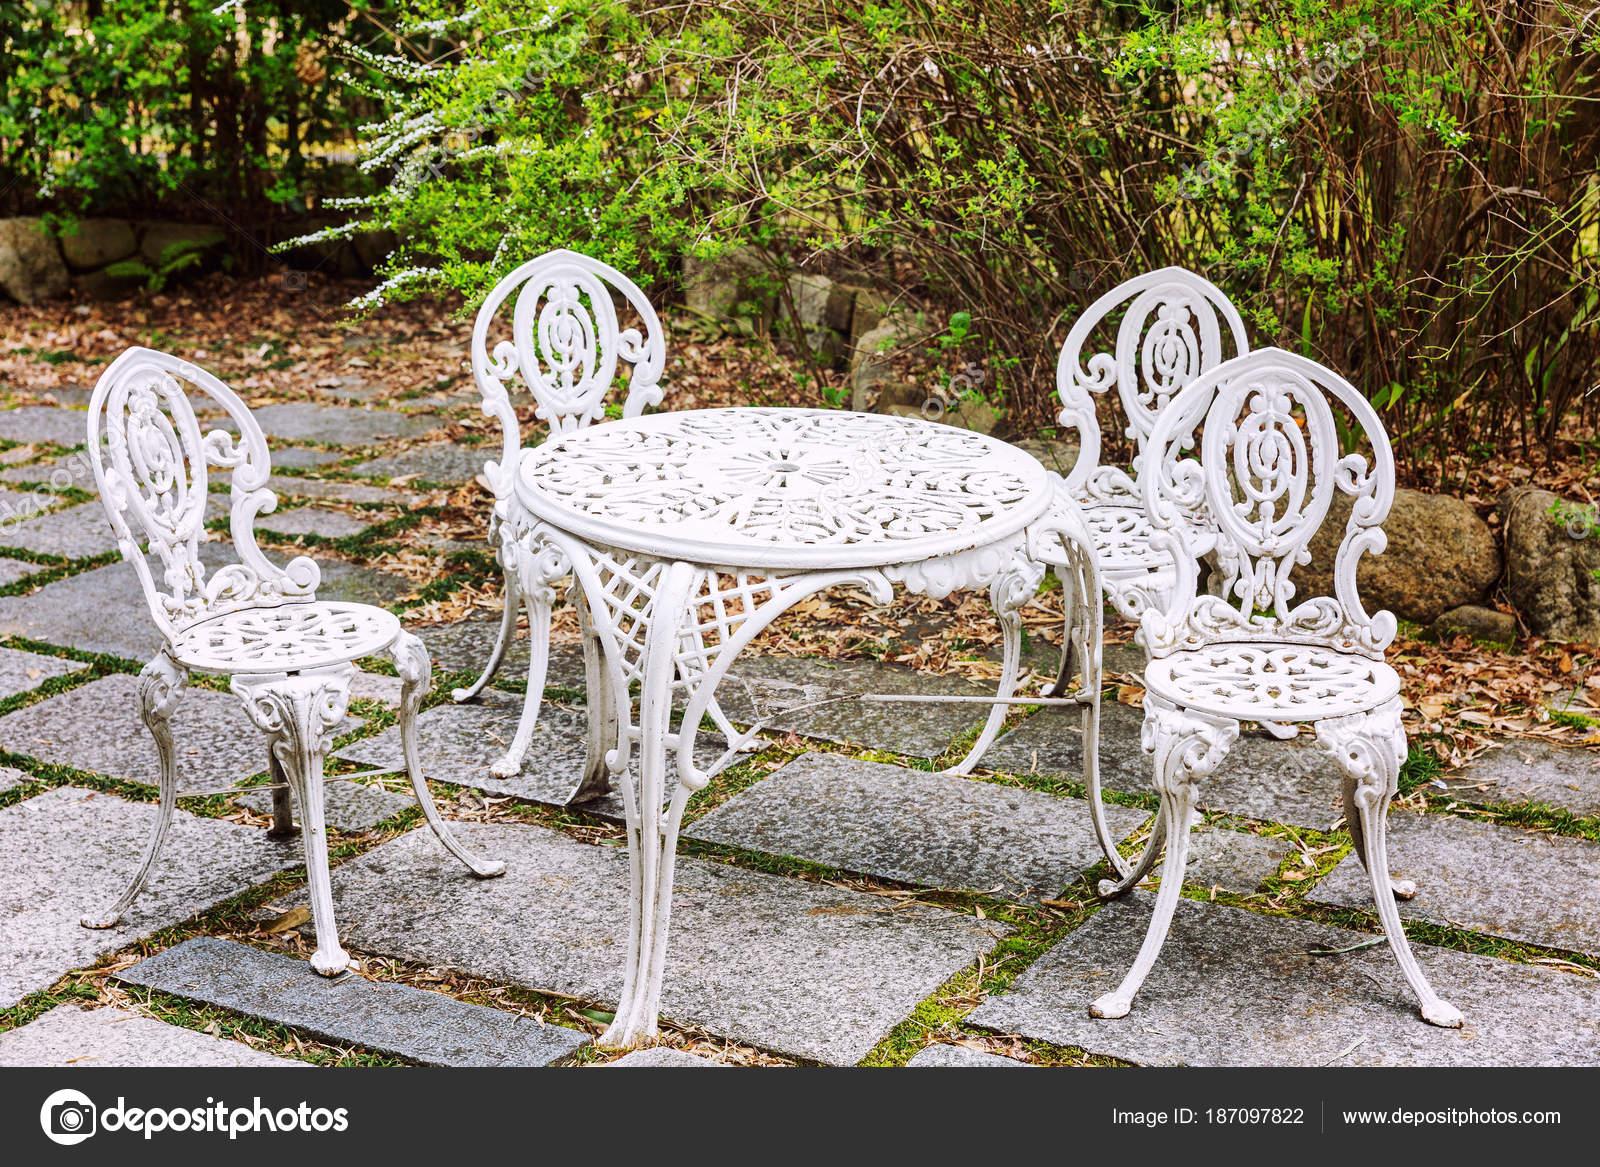 Gartenmöbel Im Garten Tisch Und Stühle Stockfoto Demanna 187097822